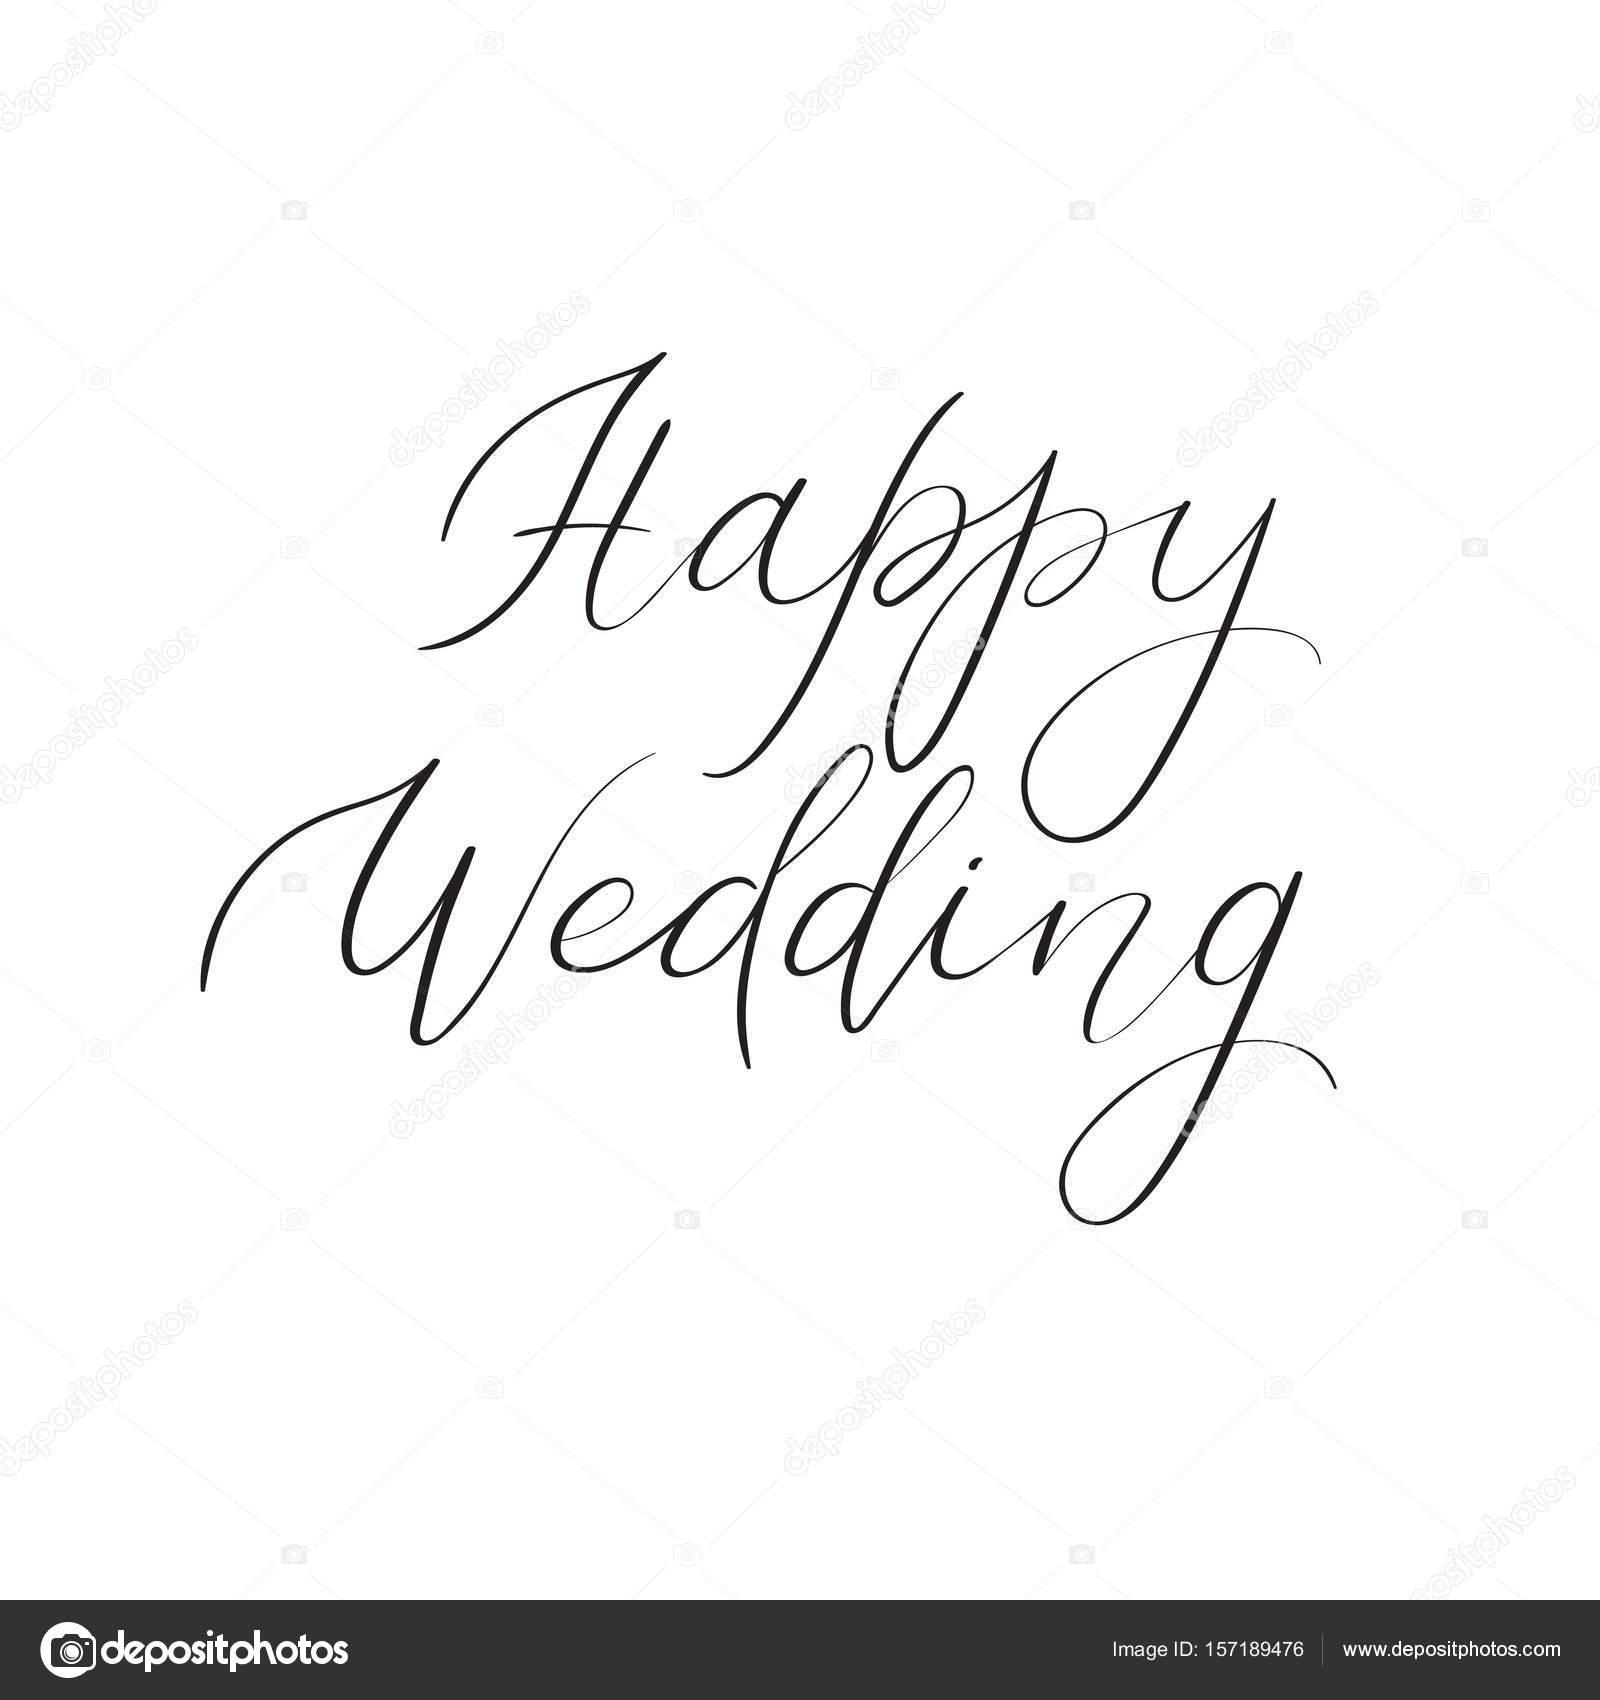 Happy wedding hand lettering text handwritten calligraphy greeting happy wedding hand lettering text handwritten calligraphy greeting card vector stock vector kristyandbryce Images